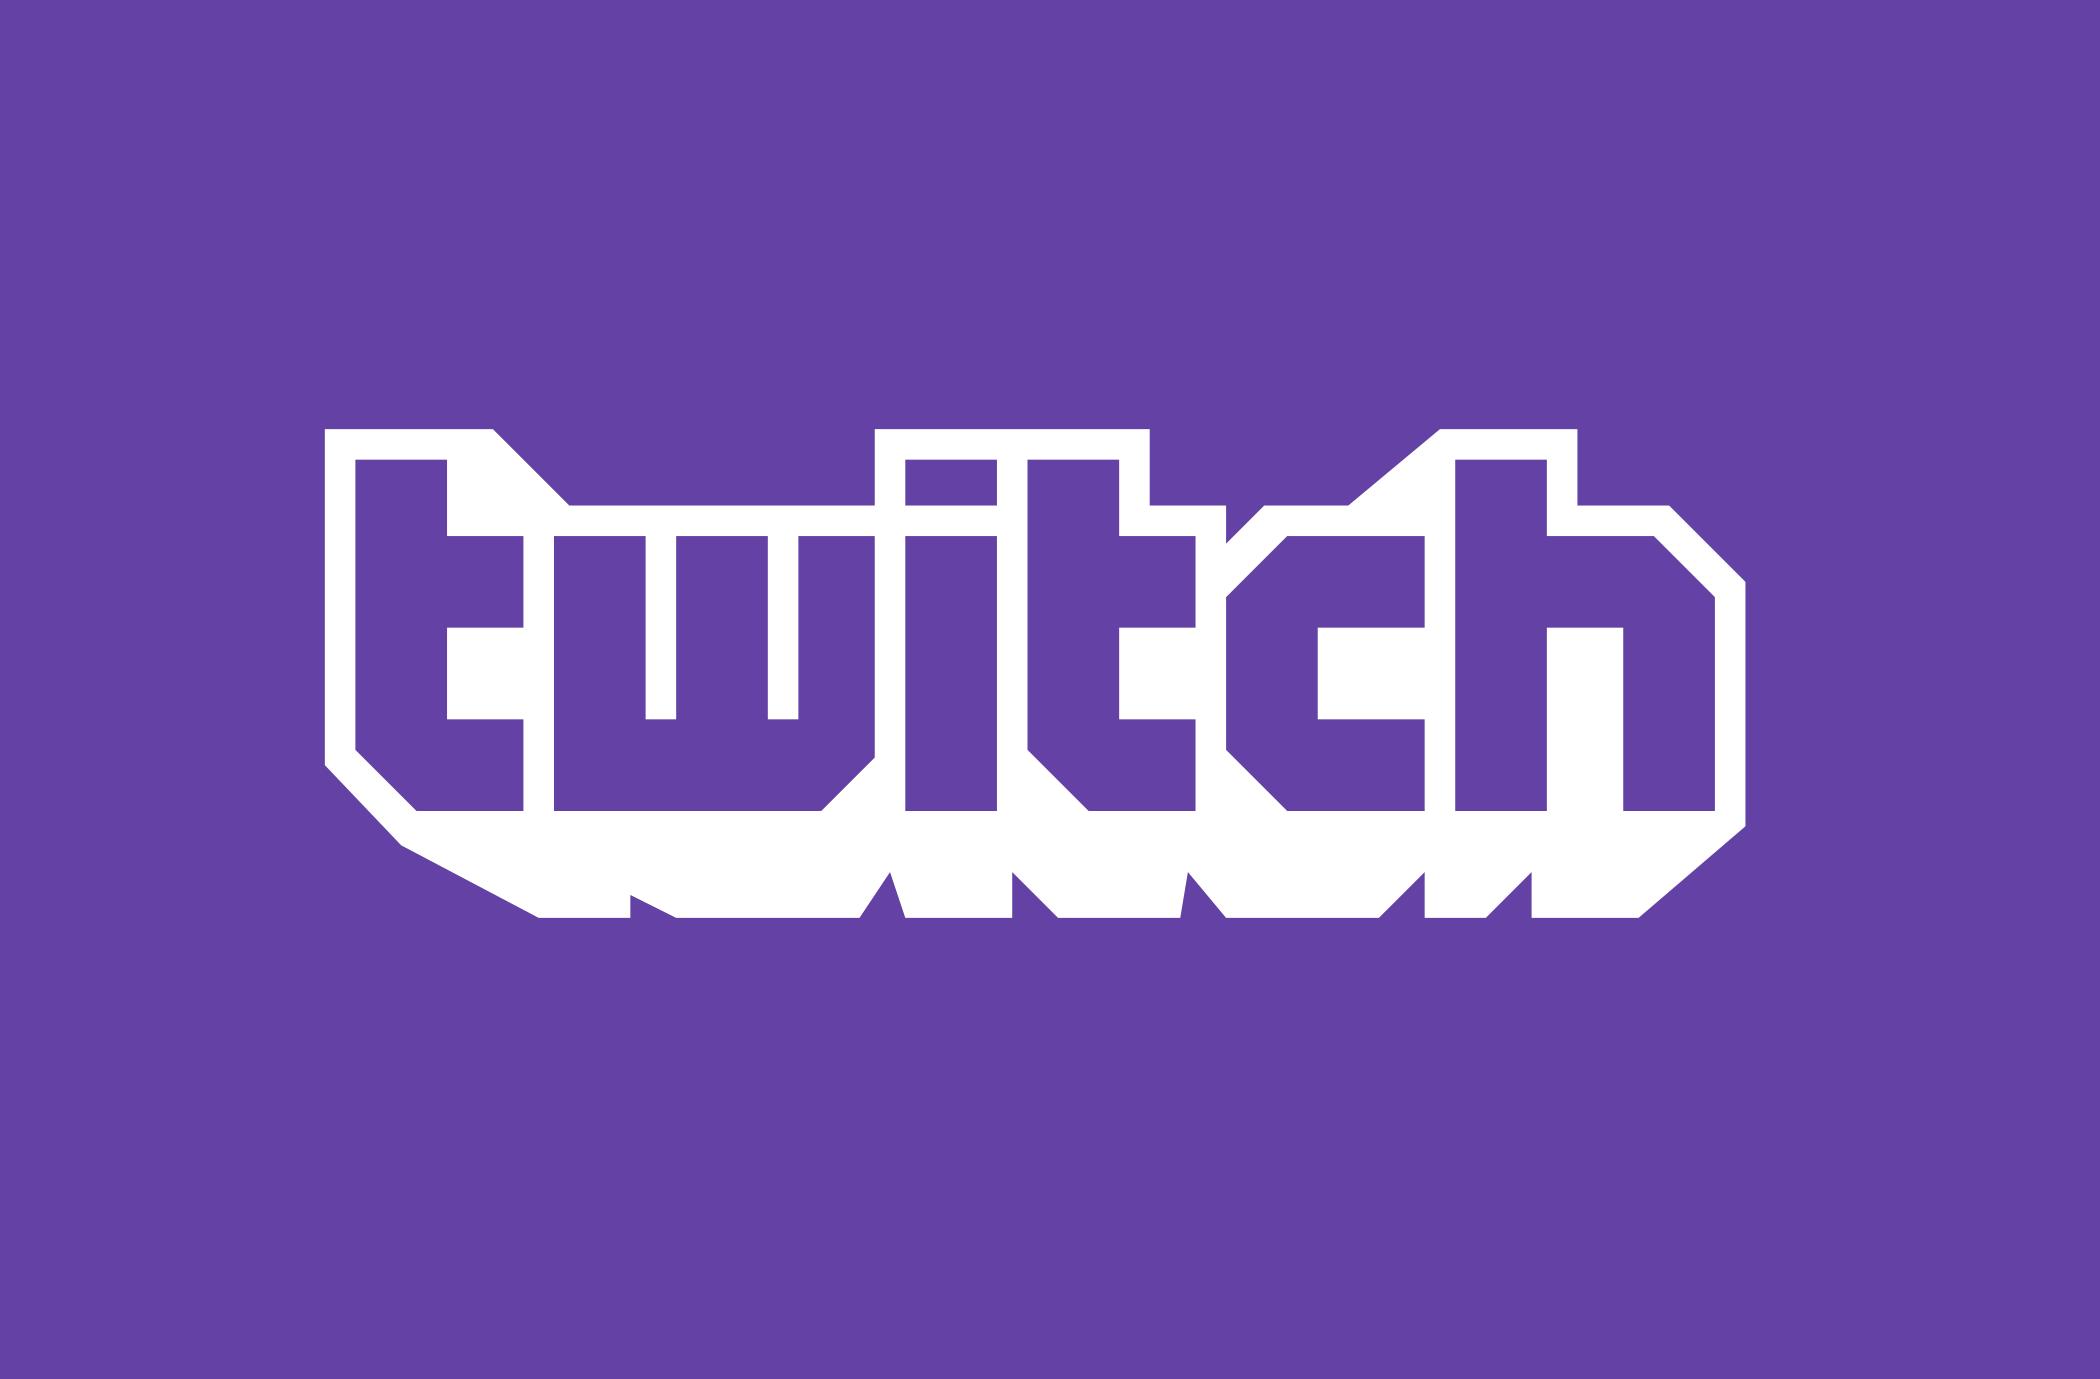 twitch logo 3 - Twitch Logo